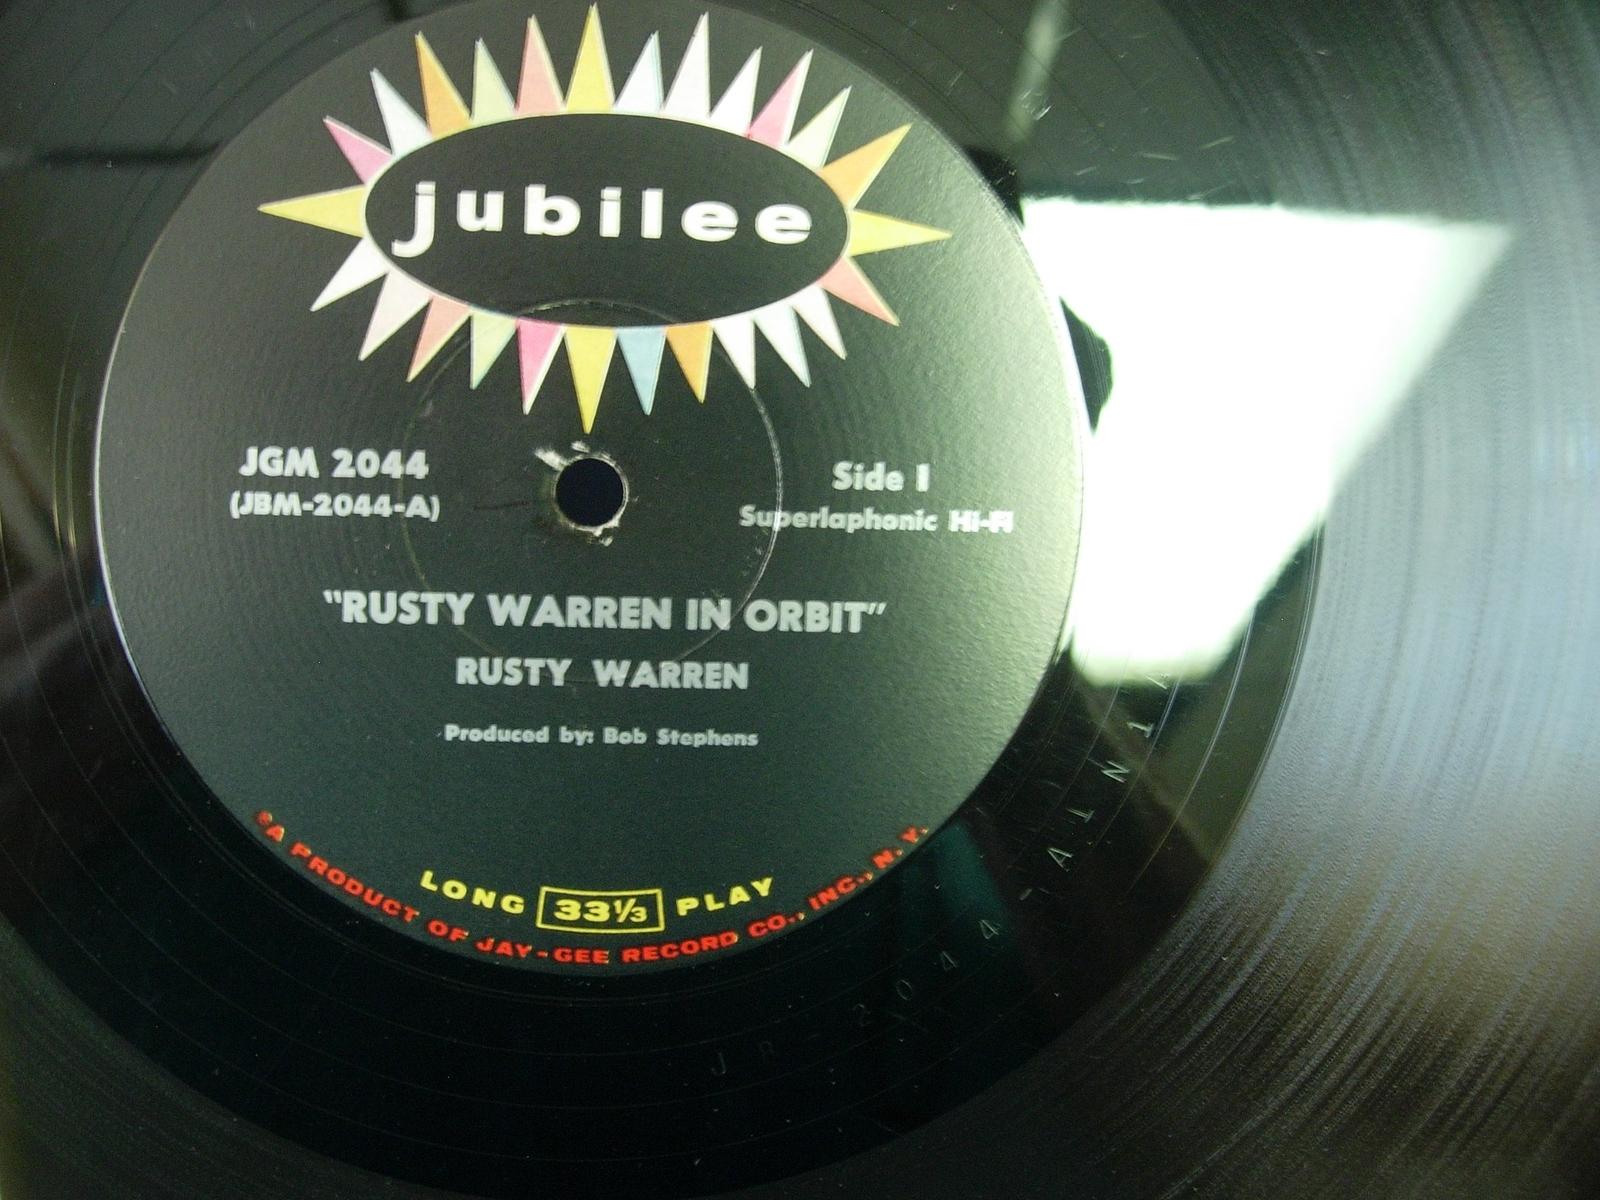 Rusty Warren in Orbit - Jubilee JGM 2044 - ADULT HUMOR